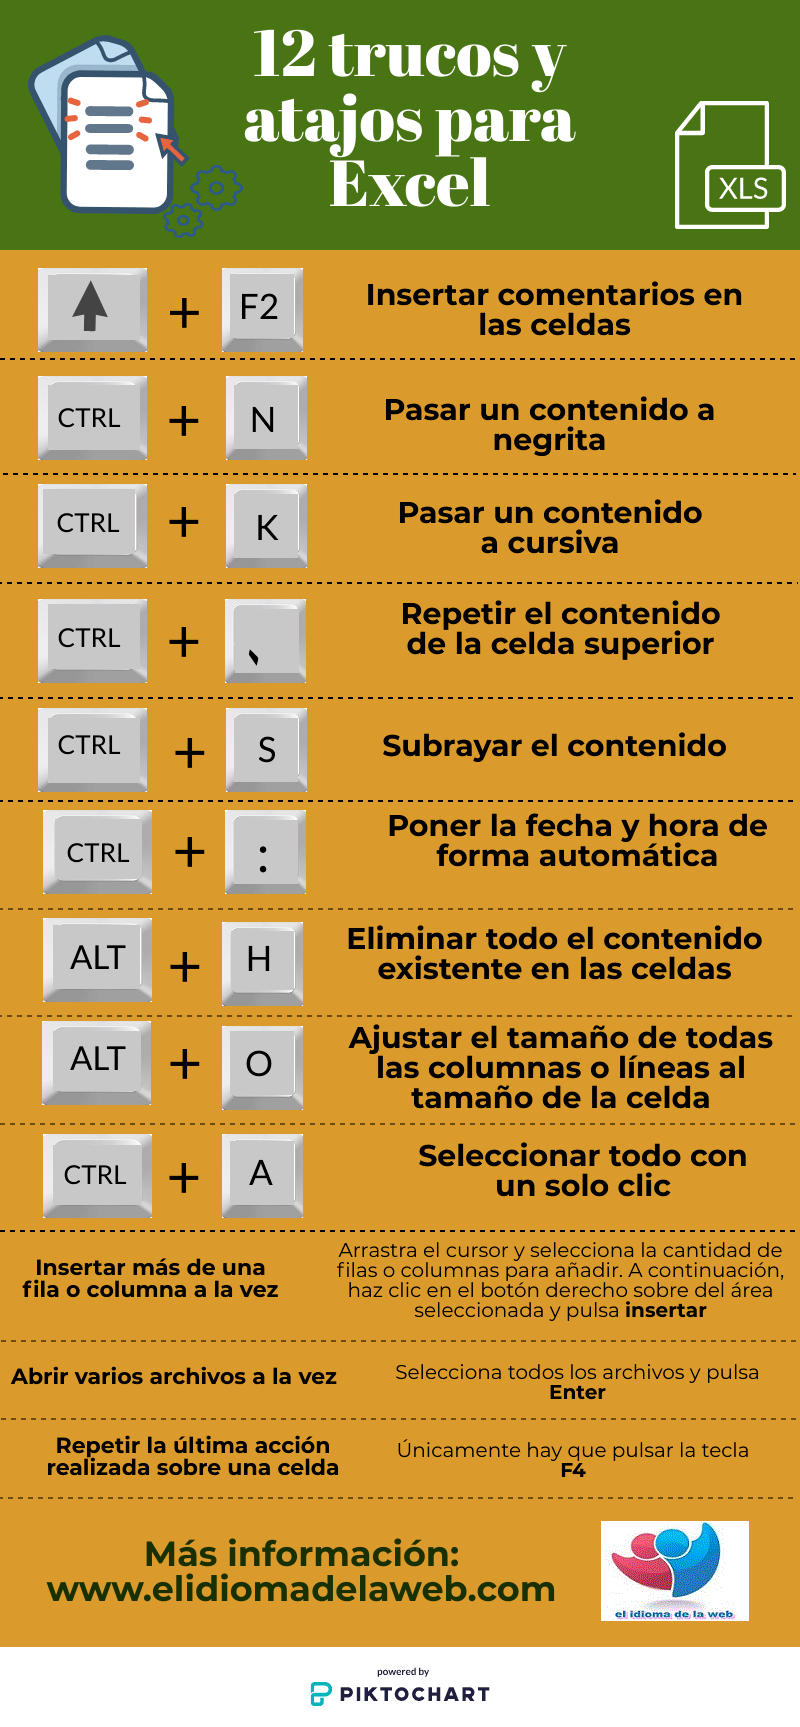 trucos y atajos para Excel